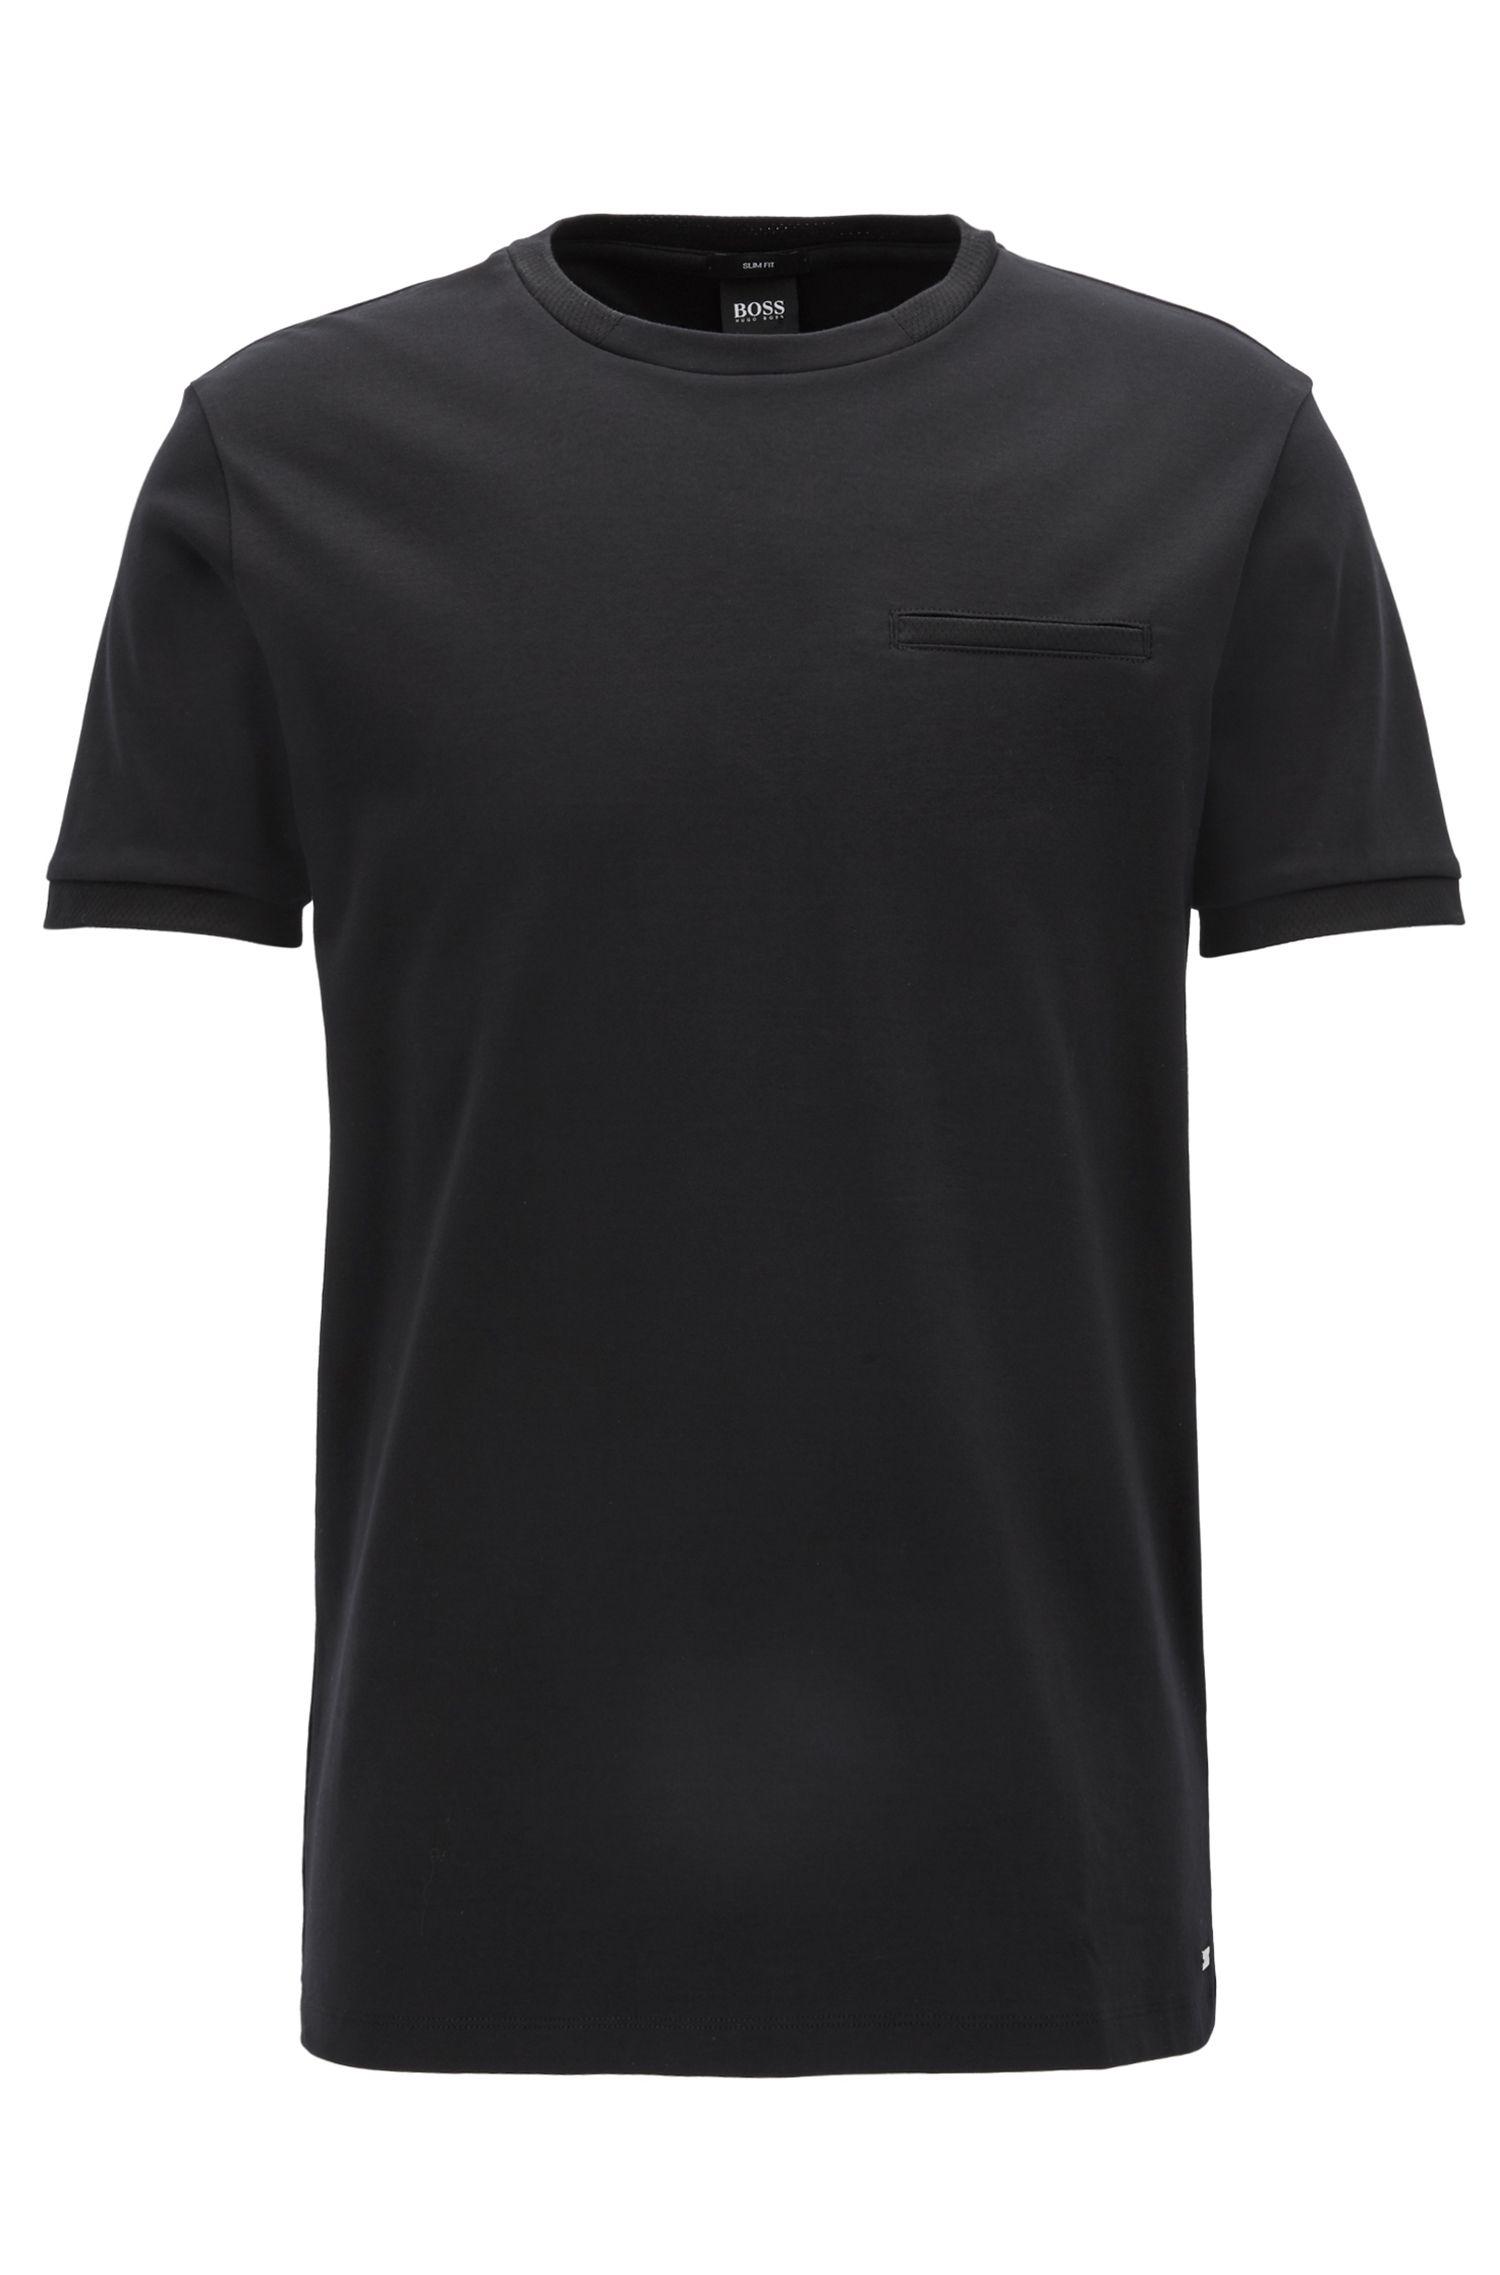 Mercedes-Benz Cotton Interlock T-Shirt | Tessler